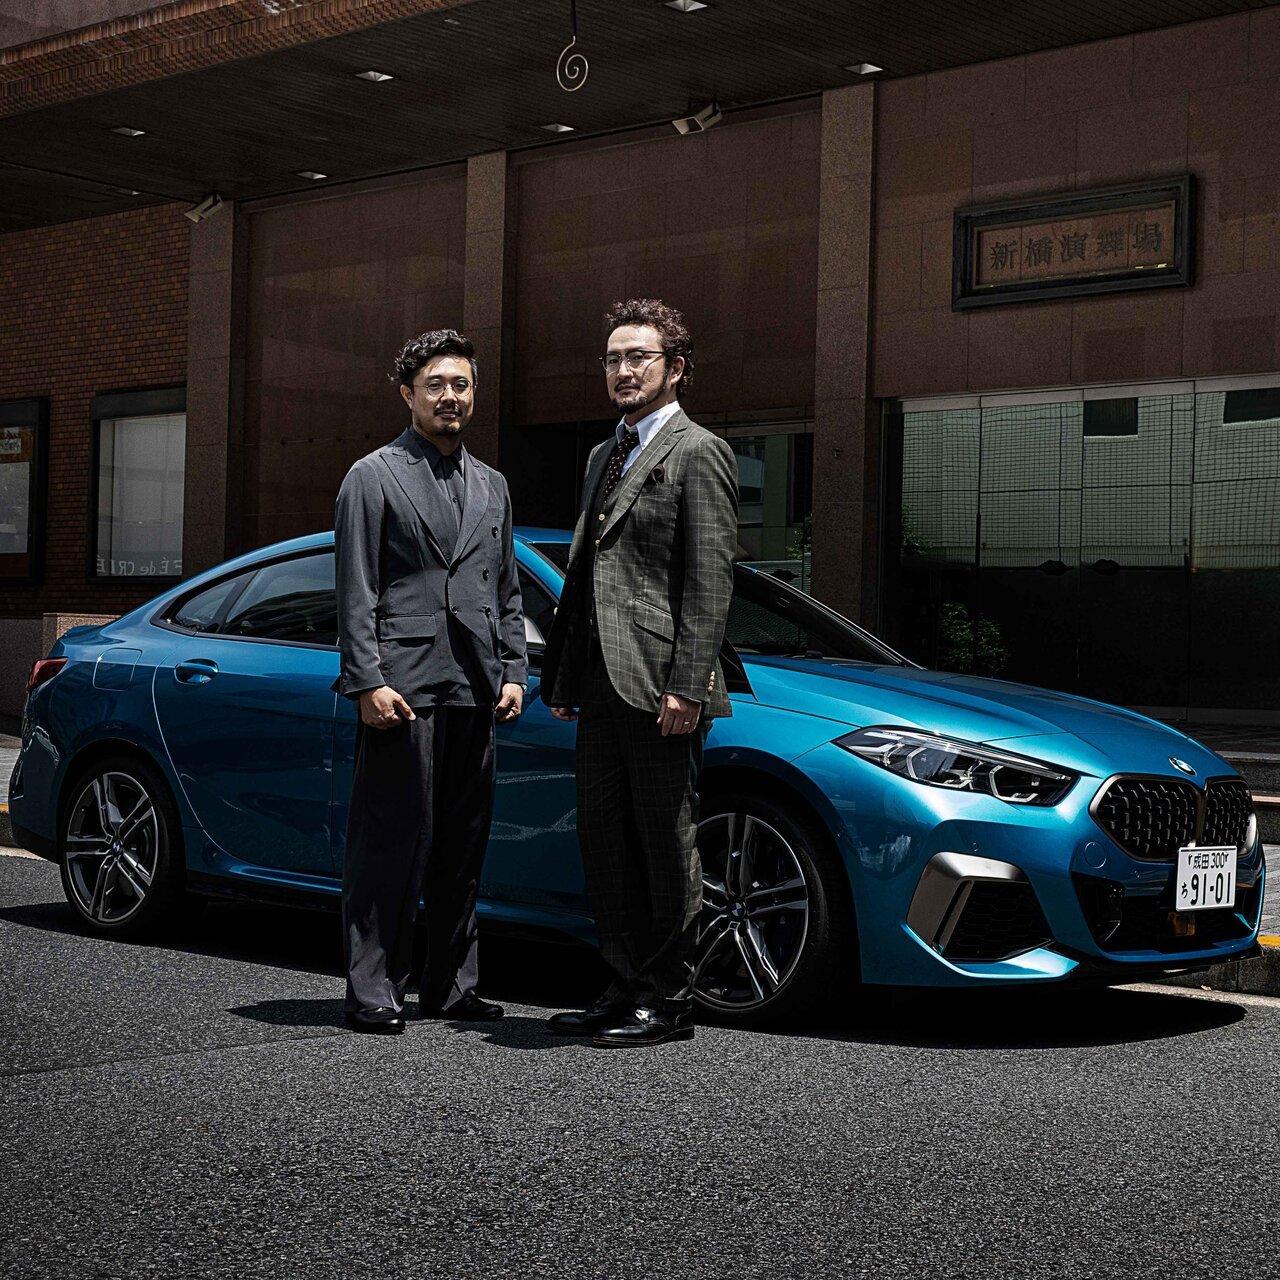 歌舞伎俳優 中村獅童×開化堂 八木隆裕が語る、BMW M235i xDrive グラン クーペ の真価 BMW